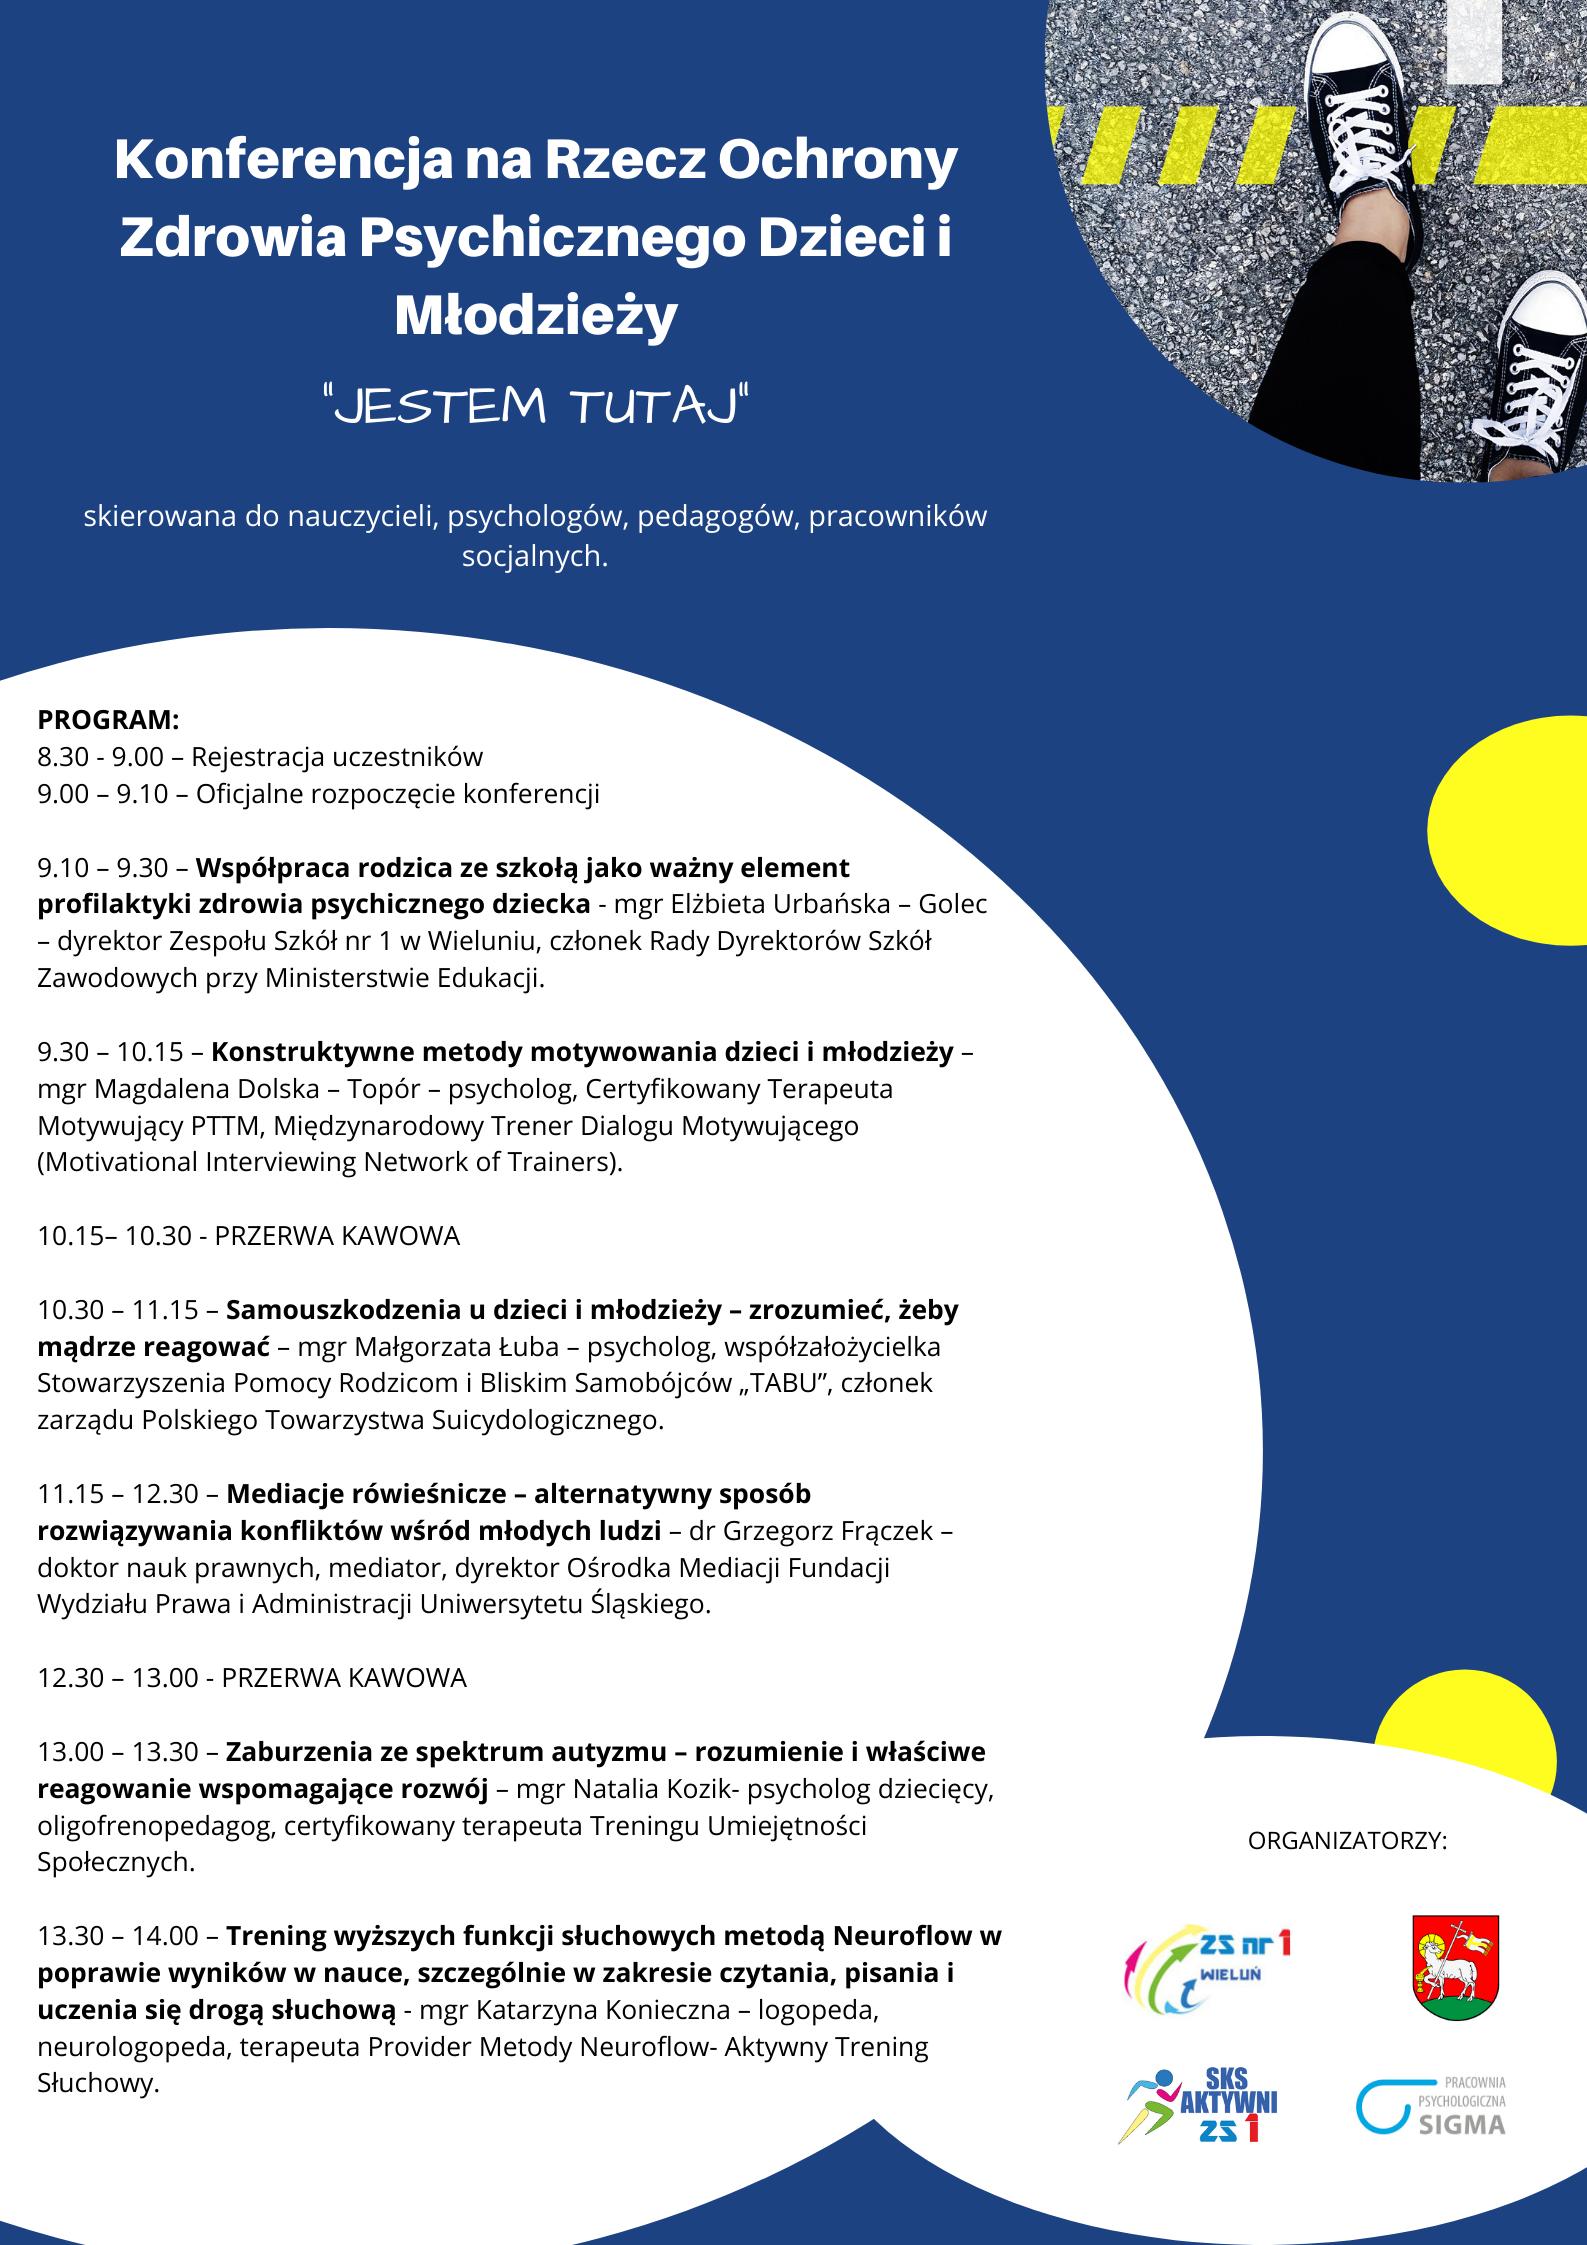 Zaproszenie na Konferencję na Rzecz Ochrony Zdrowia Psychicznego Dzieci i Młodzieży - 03.03.2020